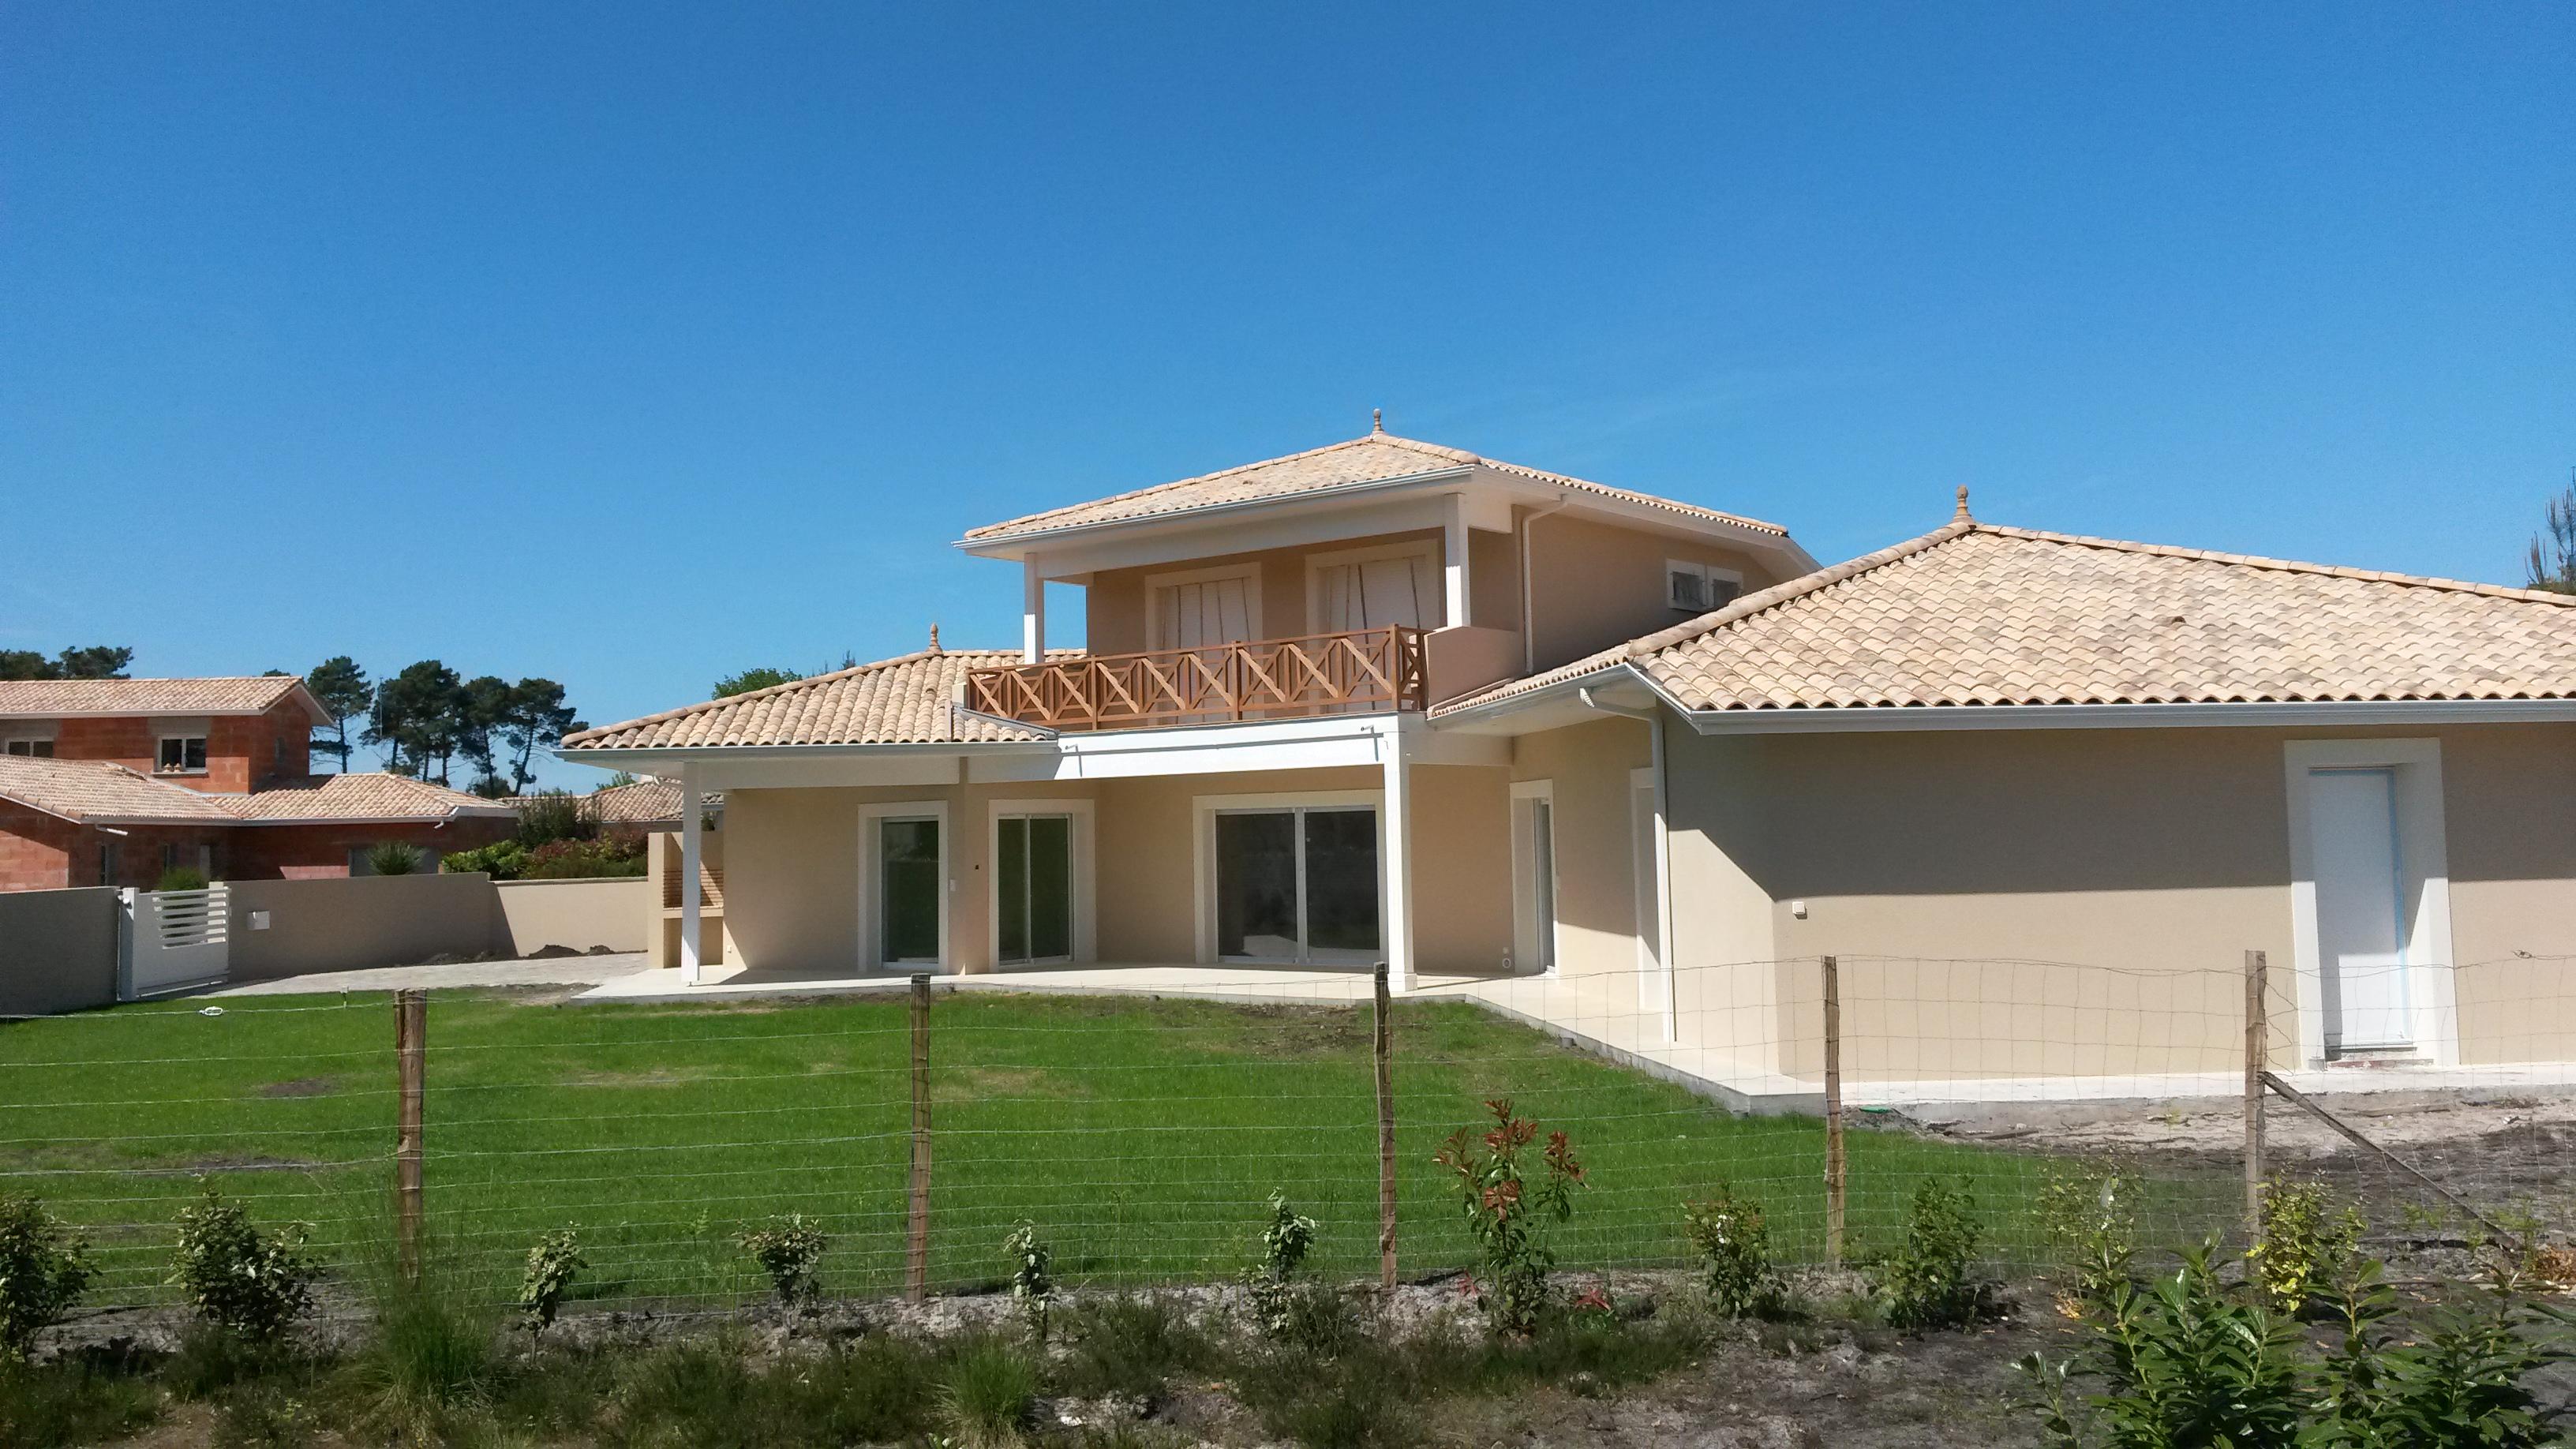 Charpente Couverture D 39 Une Maison Neuve Lan Ederra